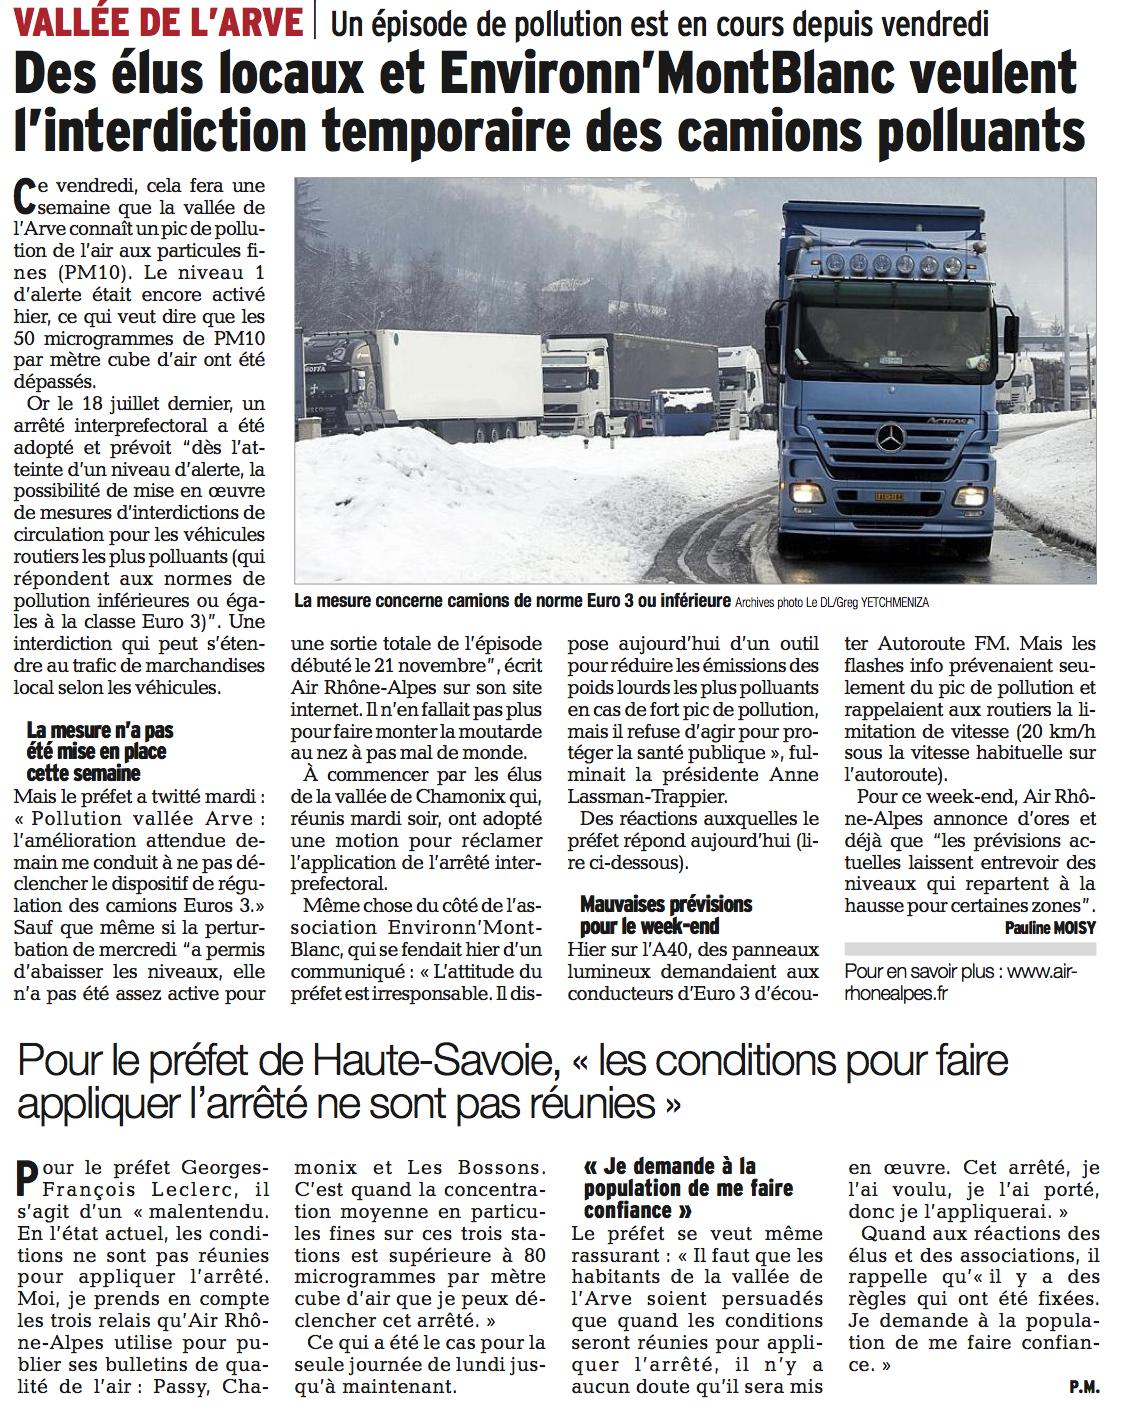 Le Dauphiné Libéré, 28 novembre 2014.